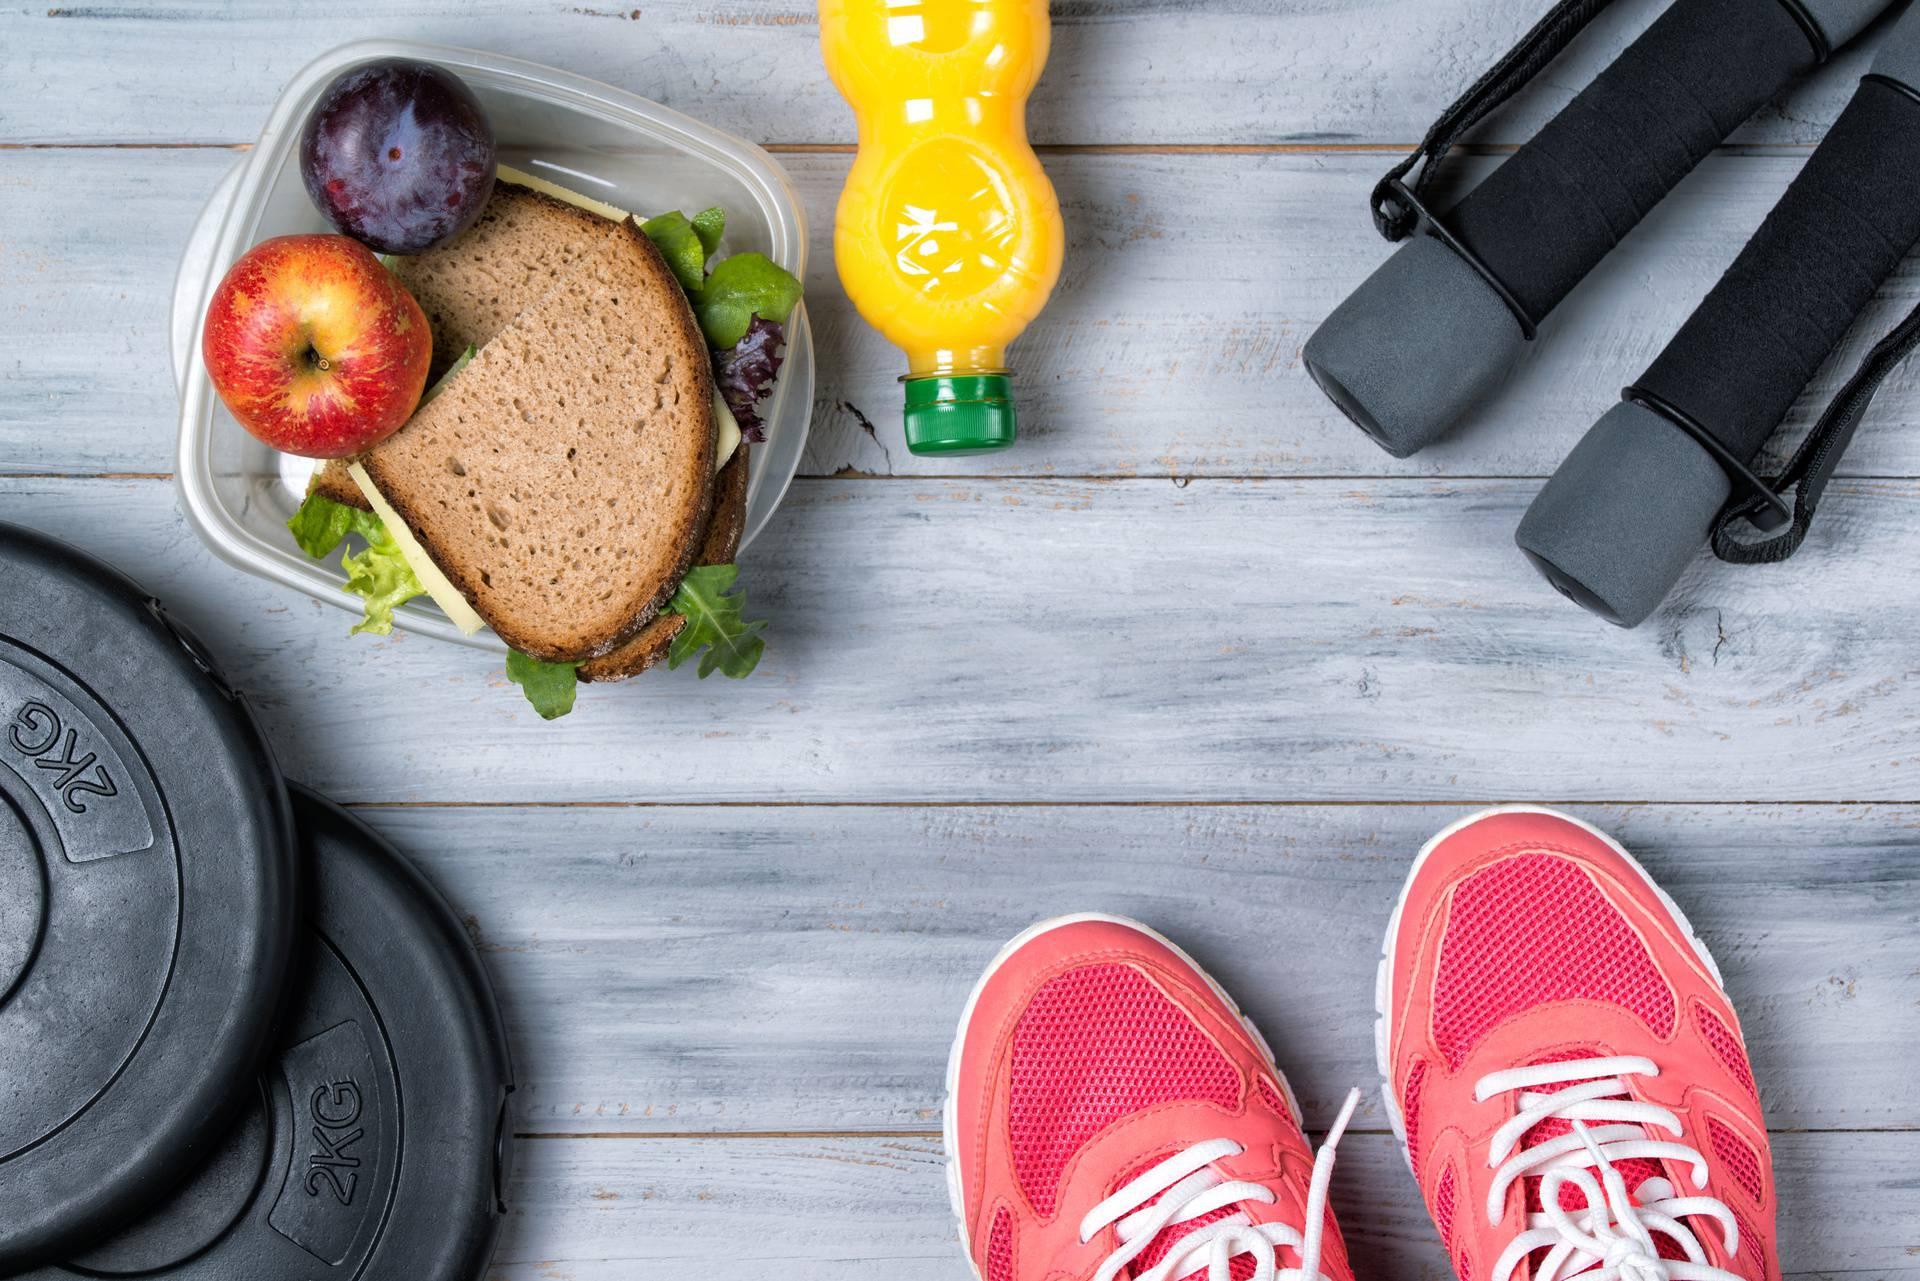 Jednostavne rutine koje su ljudima pomogle smršavjeti: Hodanje, manji tanjuri i porcije